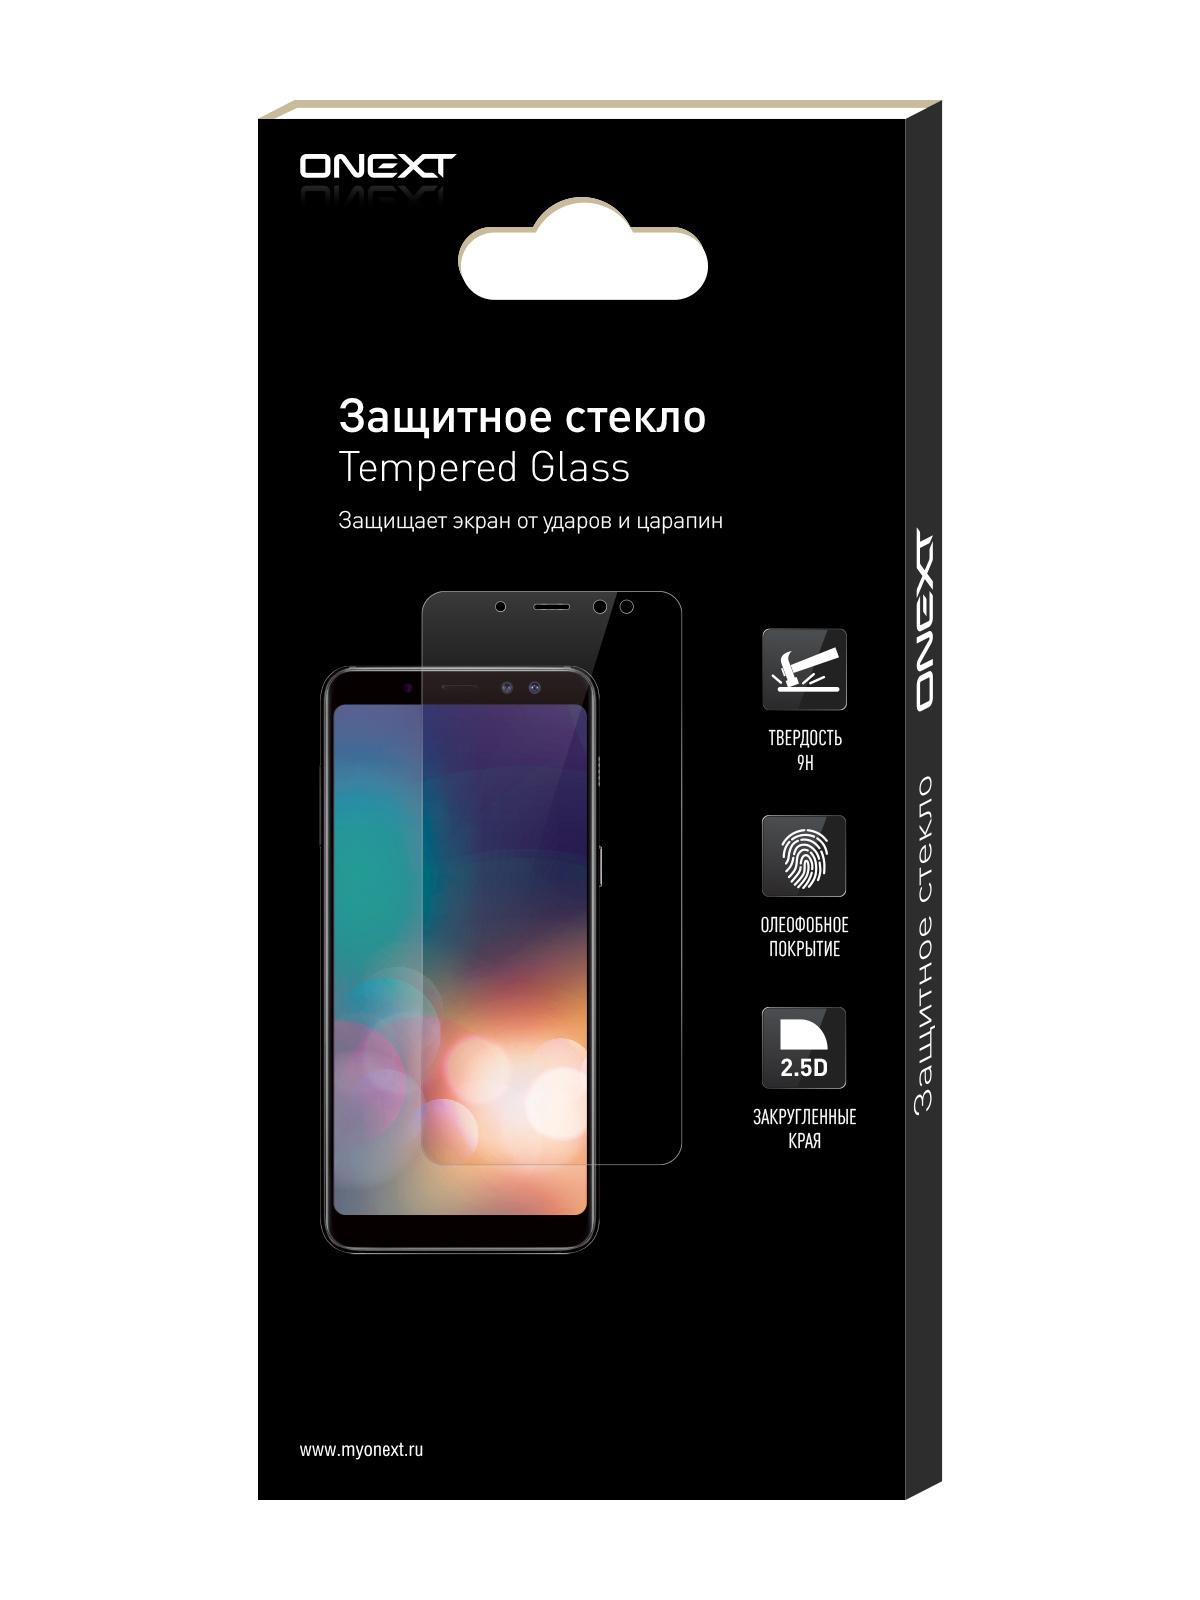 Защитное стекло ONEXT для Xiaomi Redmi Pro